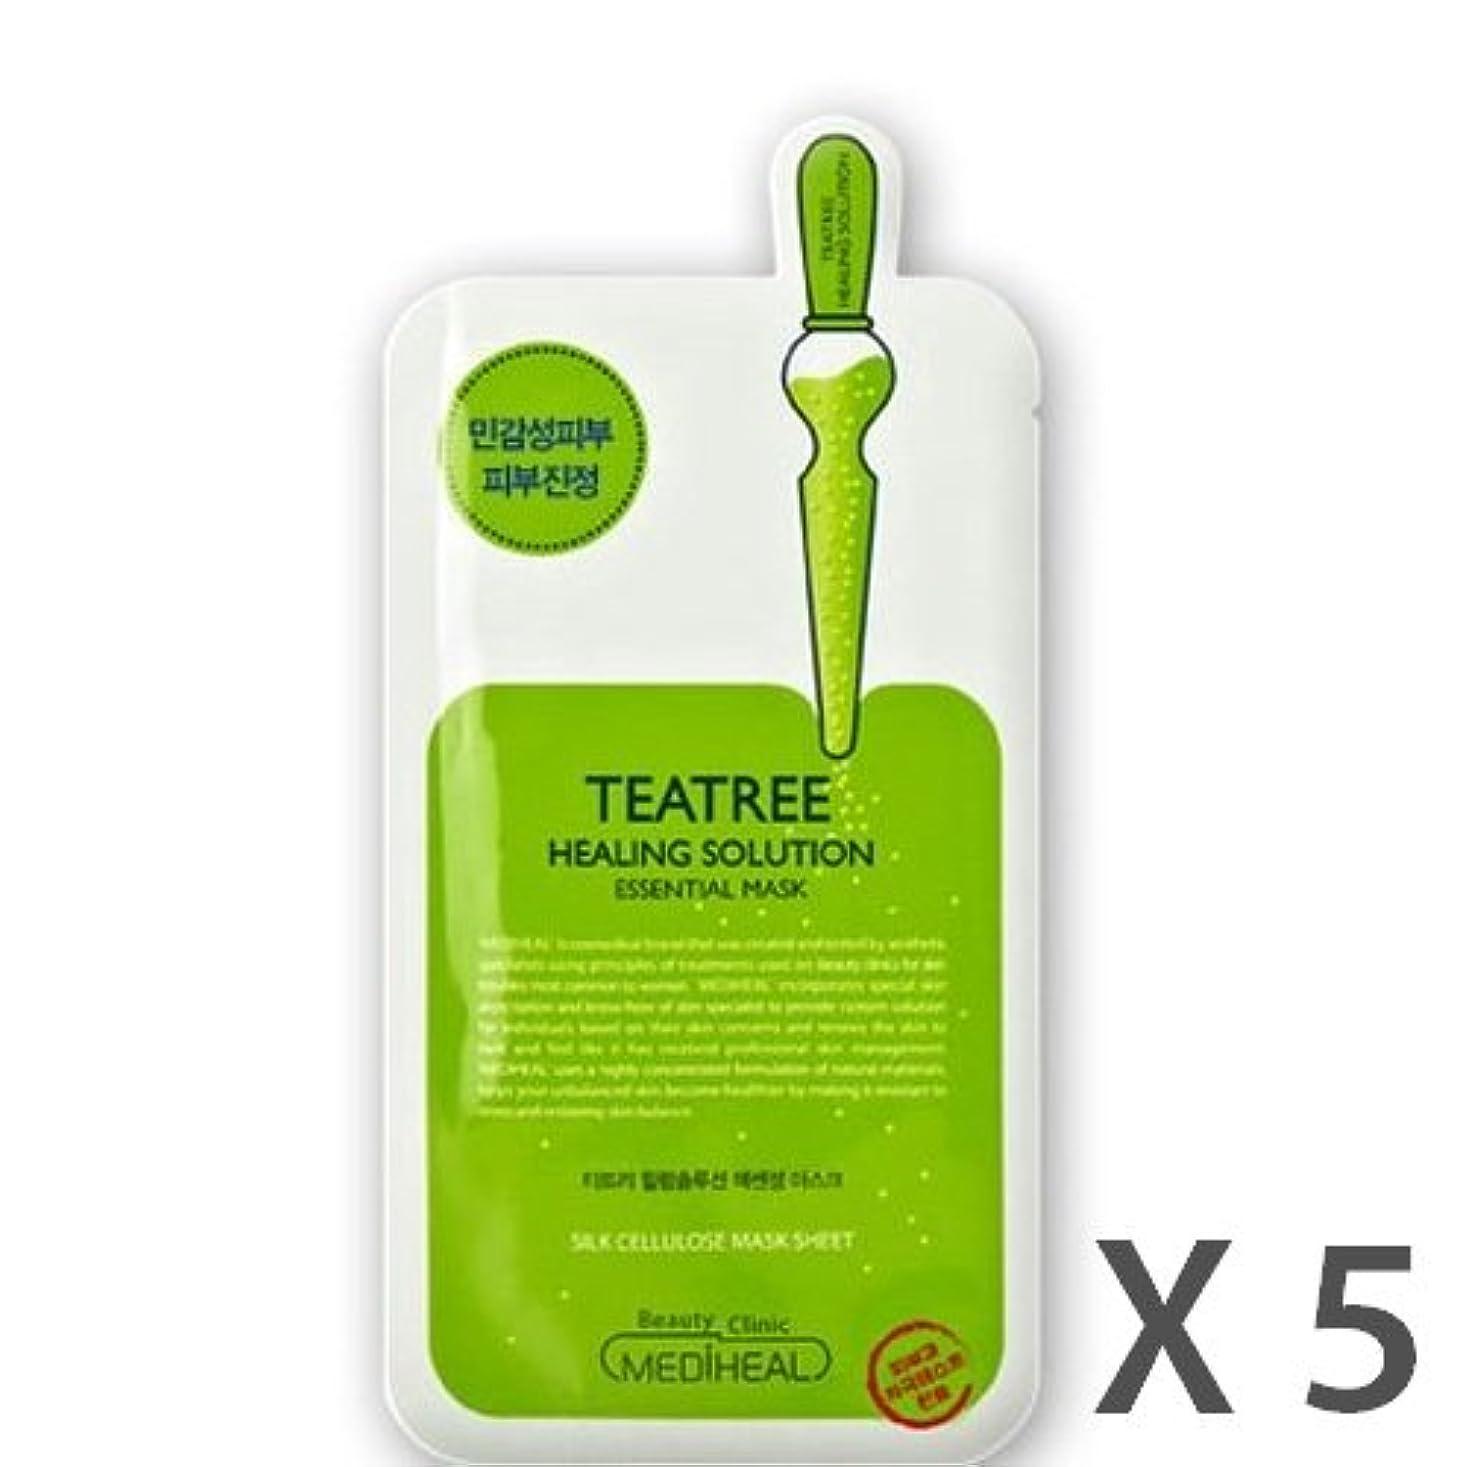 ゆりかご遅い手段MEDIHEAL Tea Tree Healing Solution Essential Mask 5ea /メディヒール ティー ツリー ヒーリングソリューションエッセンシャルマスク 5ea [並行輸入品]